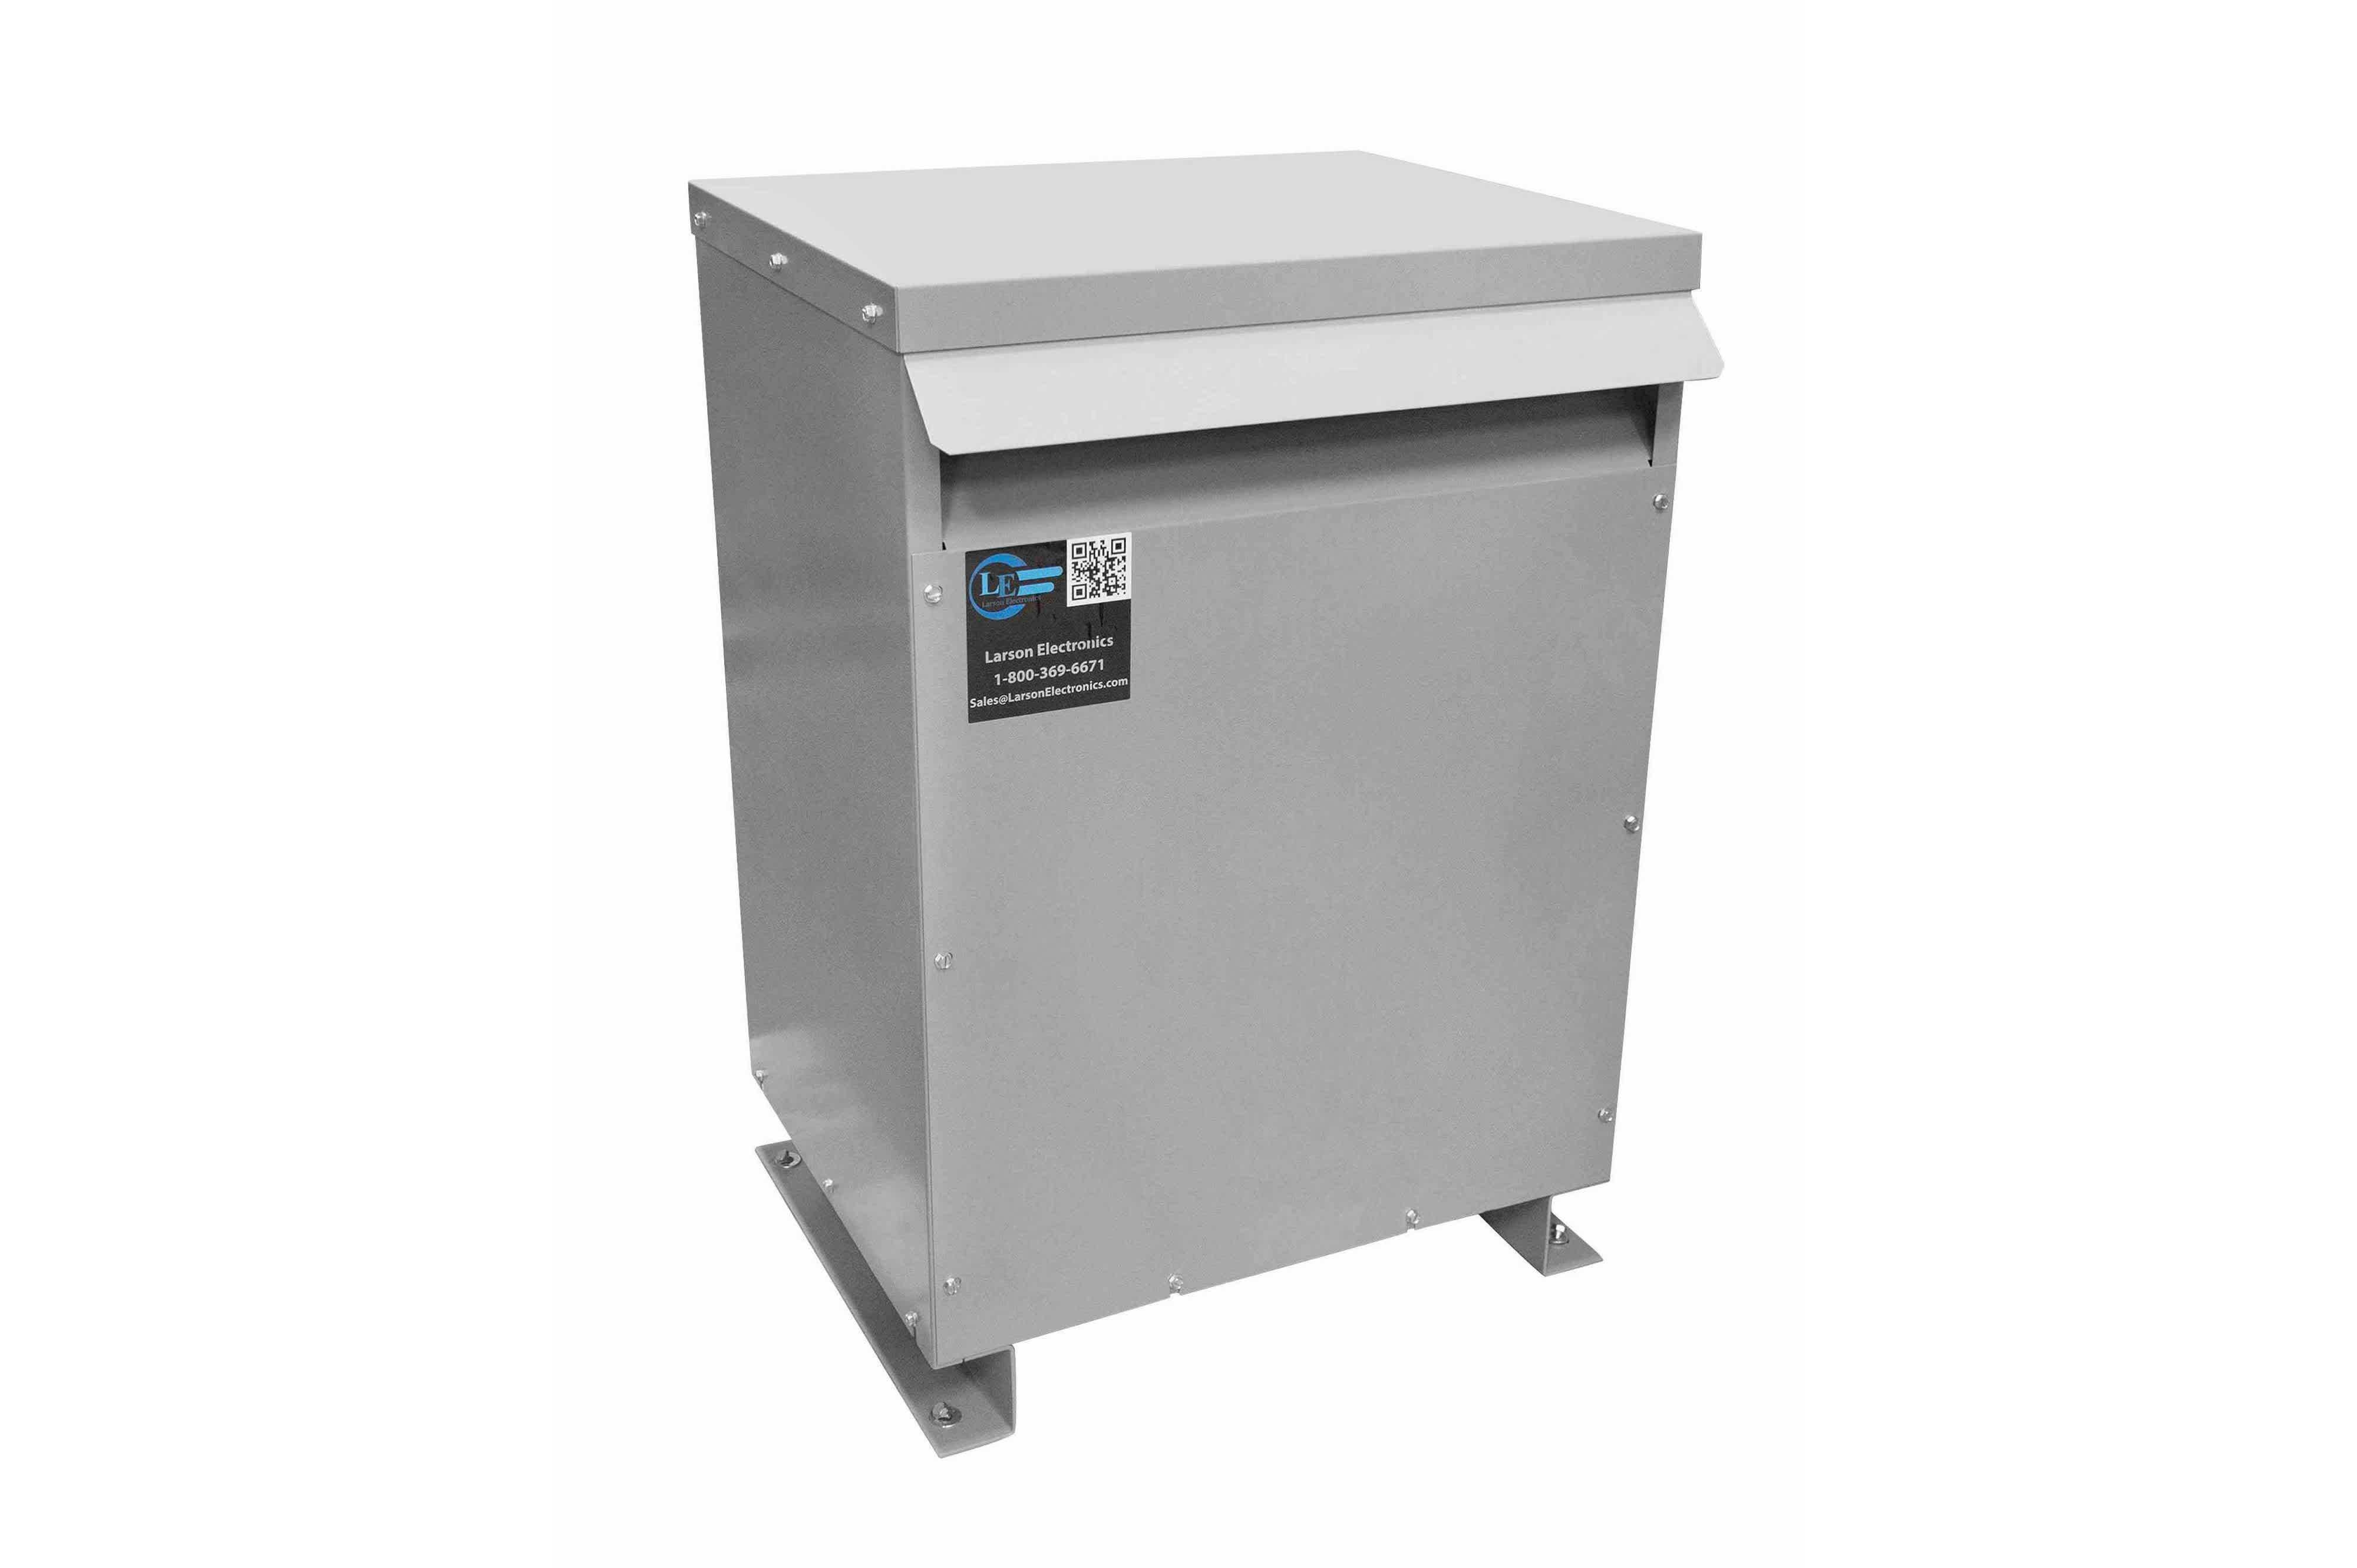 500 kVA 3PH Isolation Transformer, 600V Delta Primary, 380V Delta Secondary, N3R, Ventilated, 60 Hz